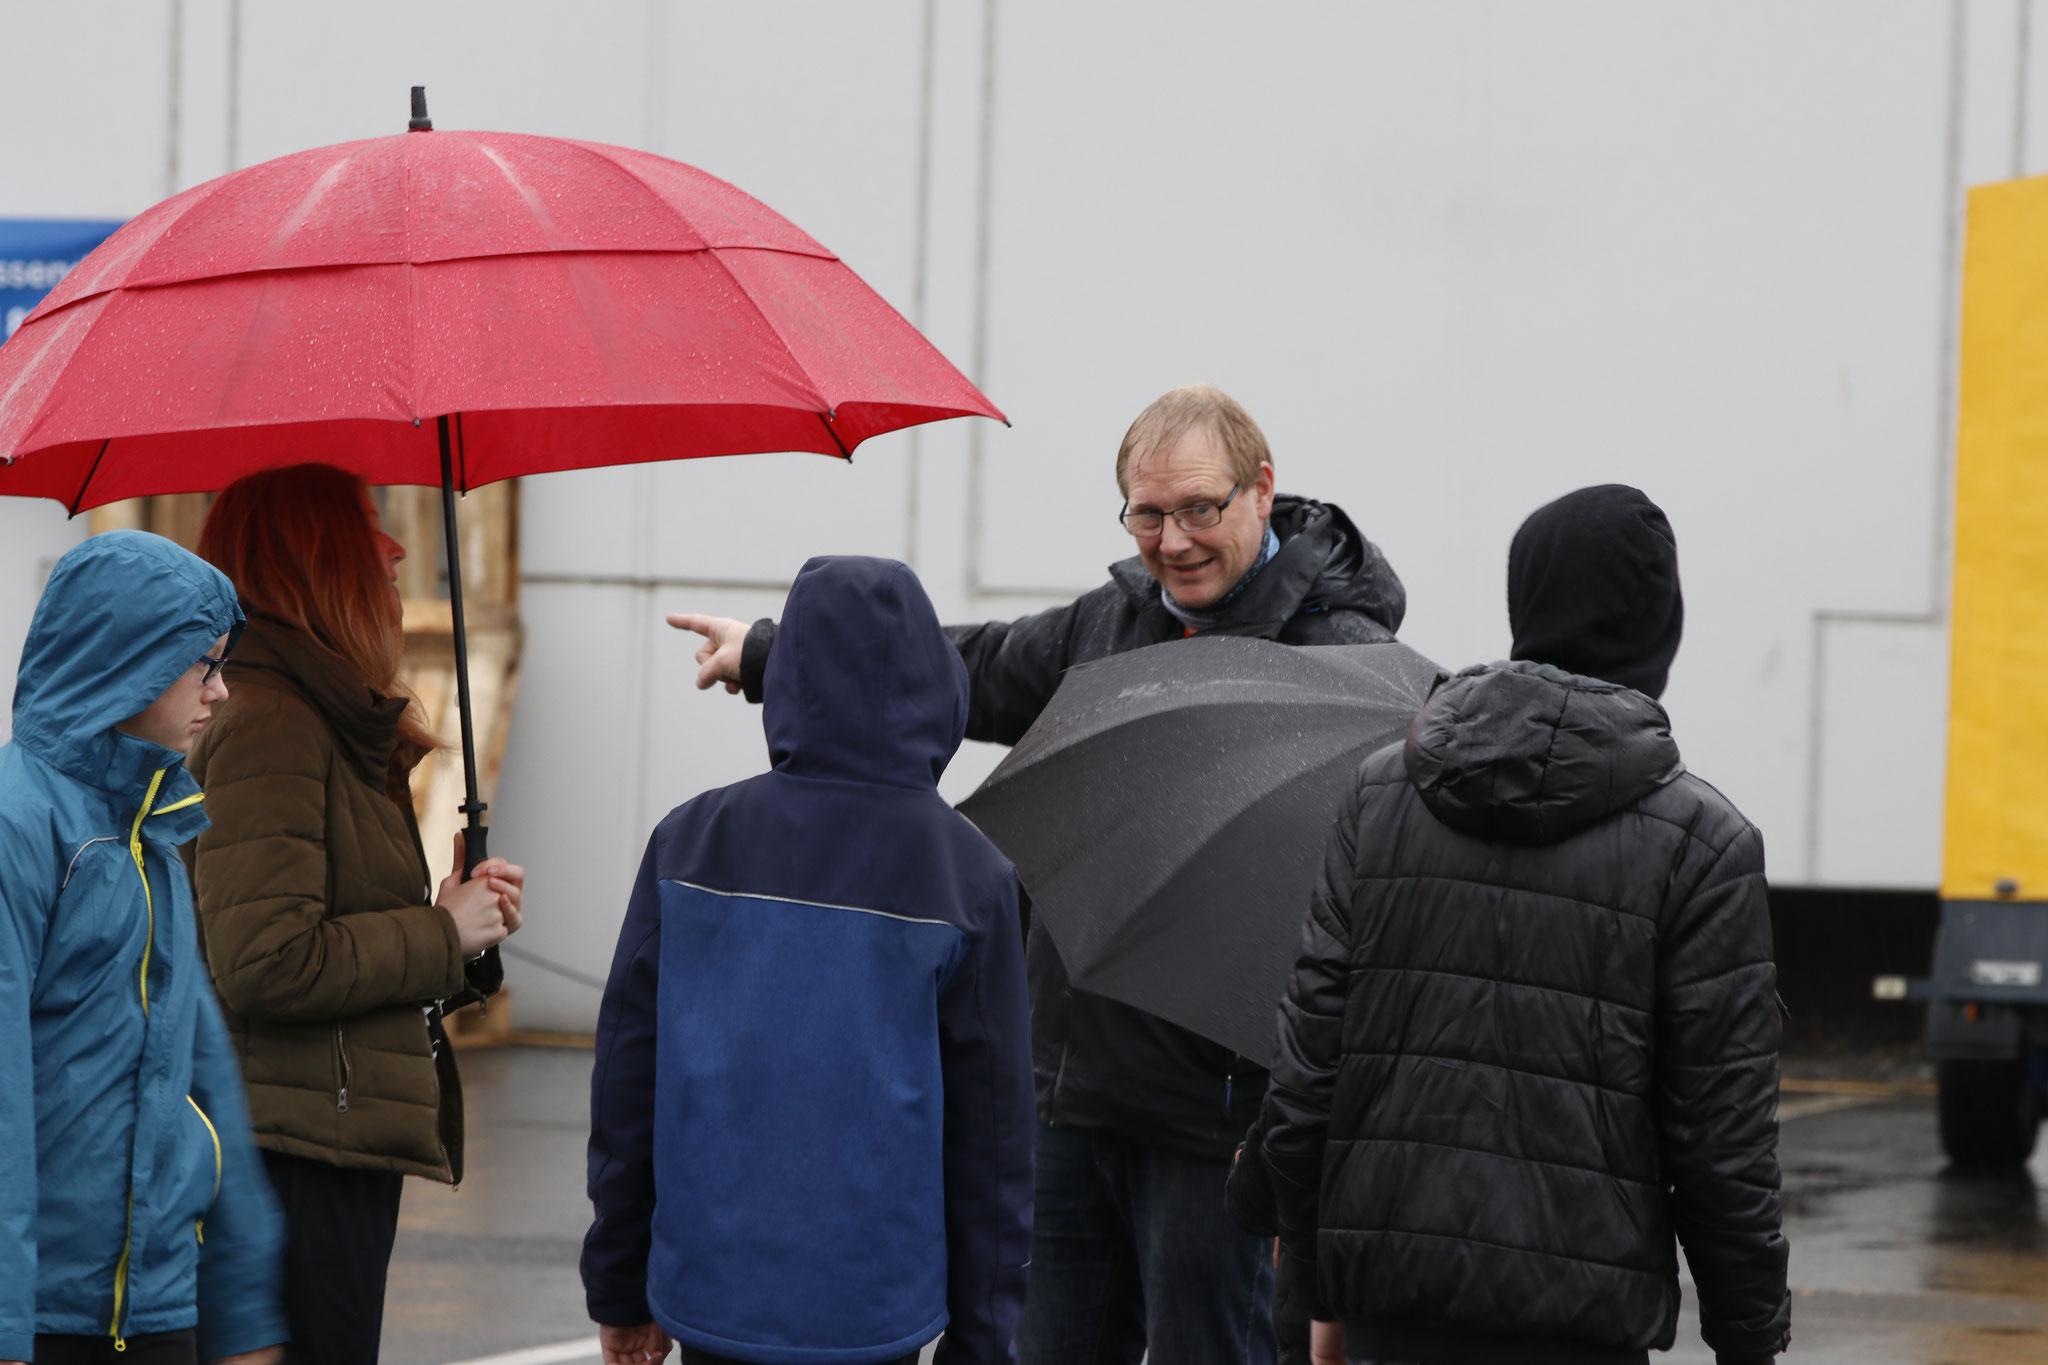 Auch bei Regen gibt es Einweisung und die Strecke muss abgelaufen werden